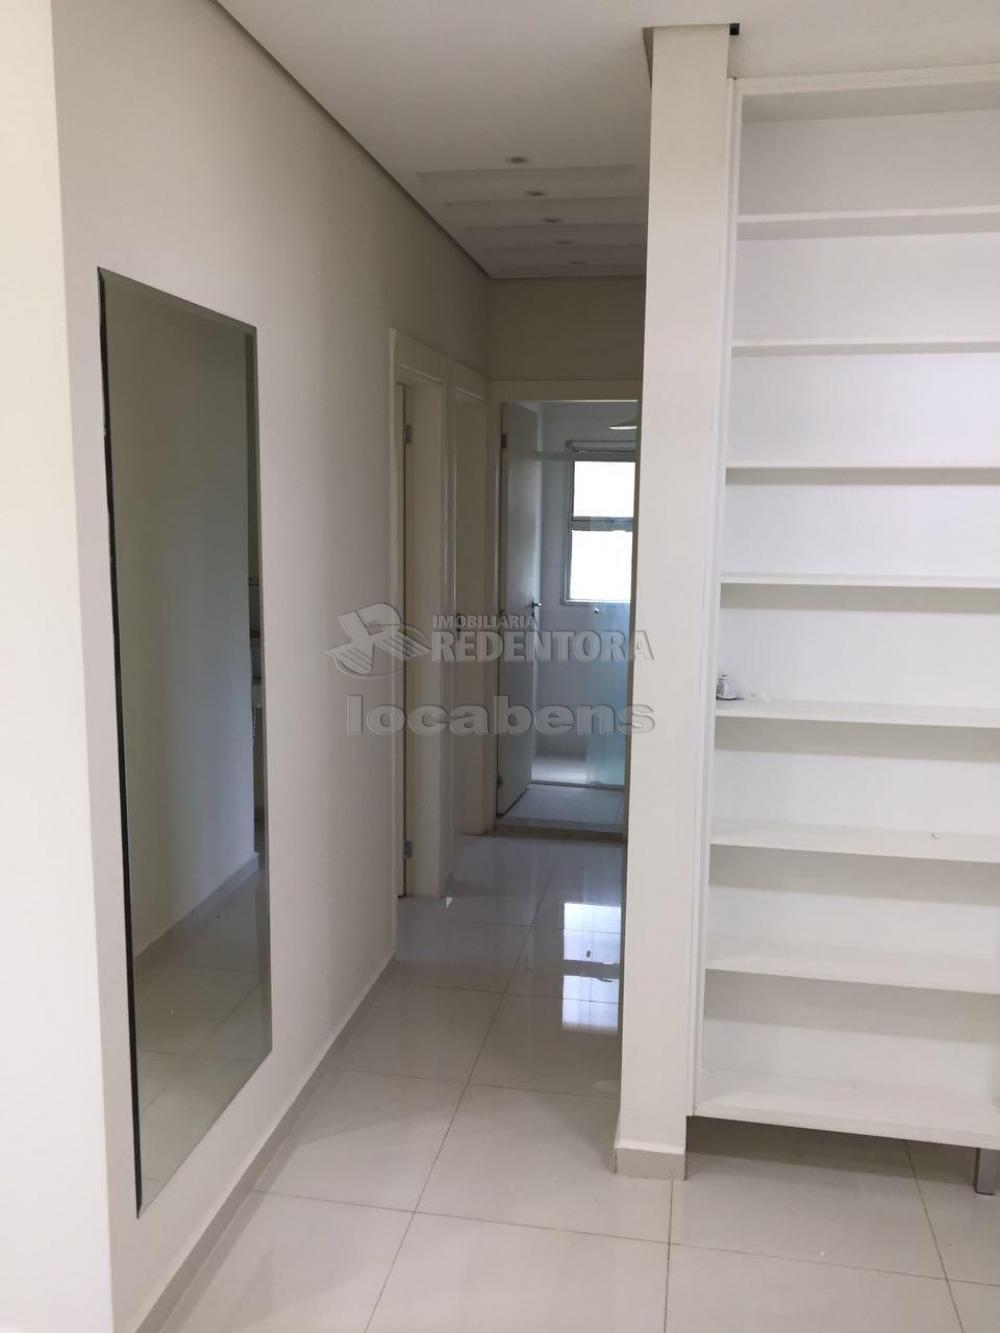 Comprar Apartamento / Padrão em São José do Rio Preto apenas R$ 180.000,00 - Foto 2